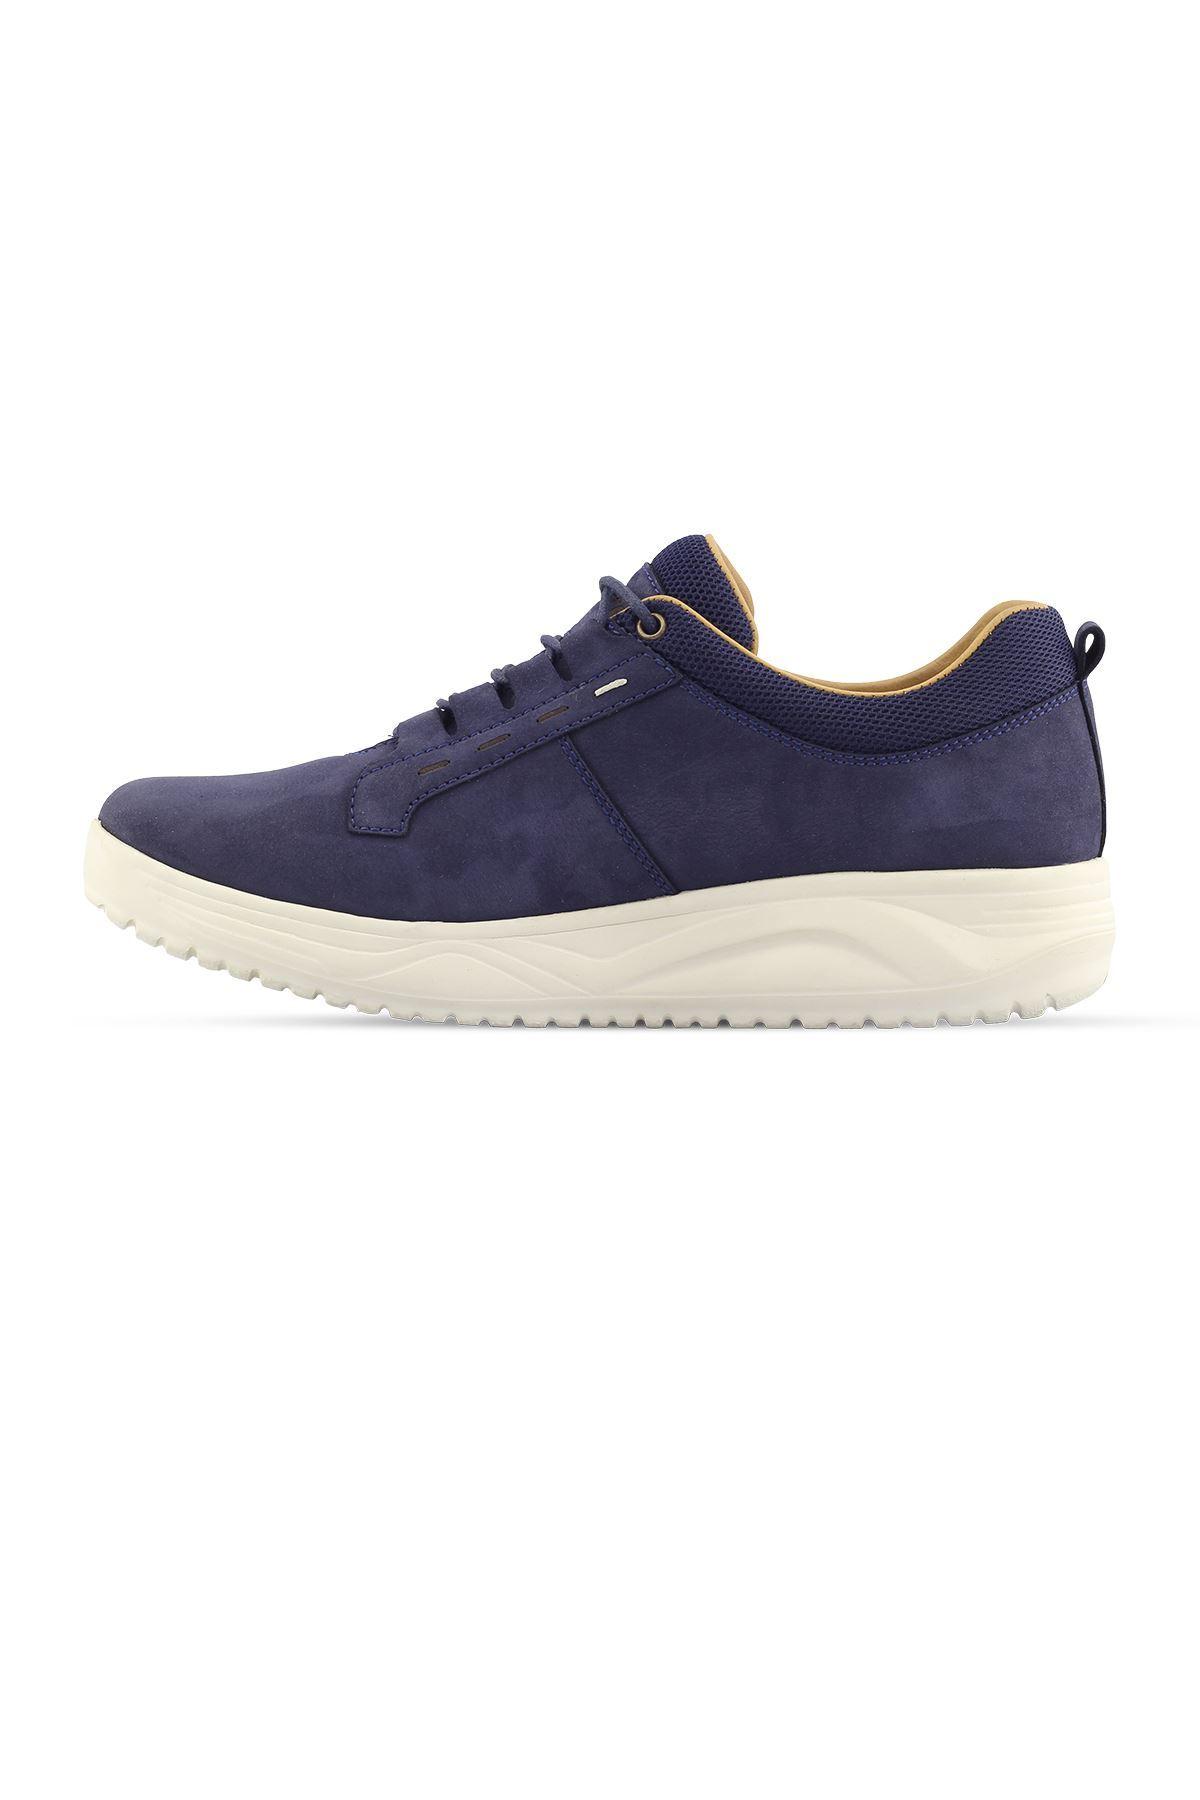 1875 Nubuk Lacivert Erkek Yürüyüş Ayakkabısı